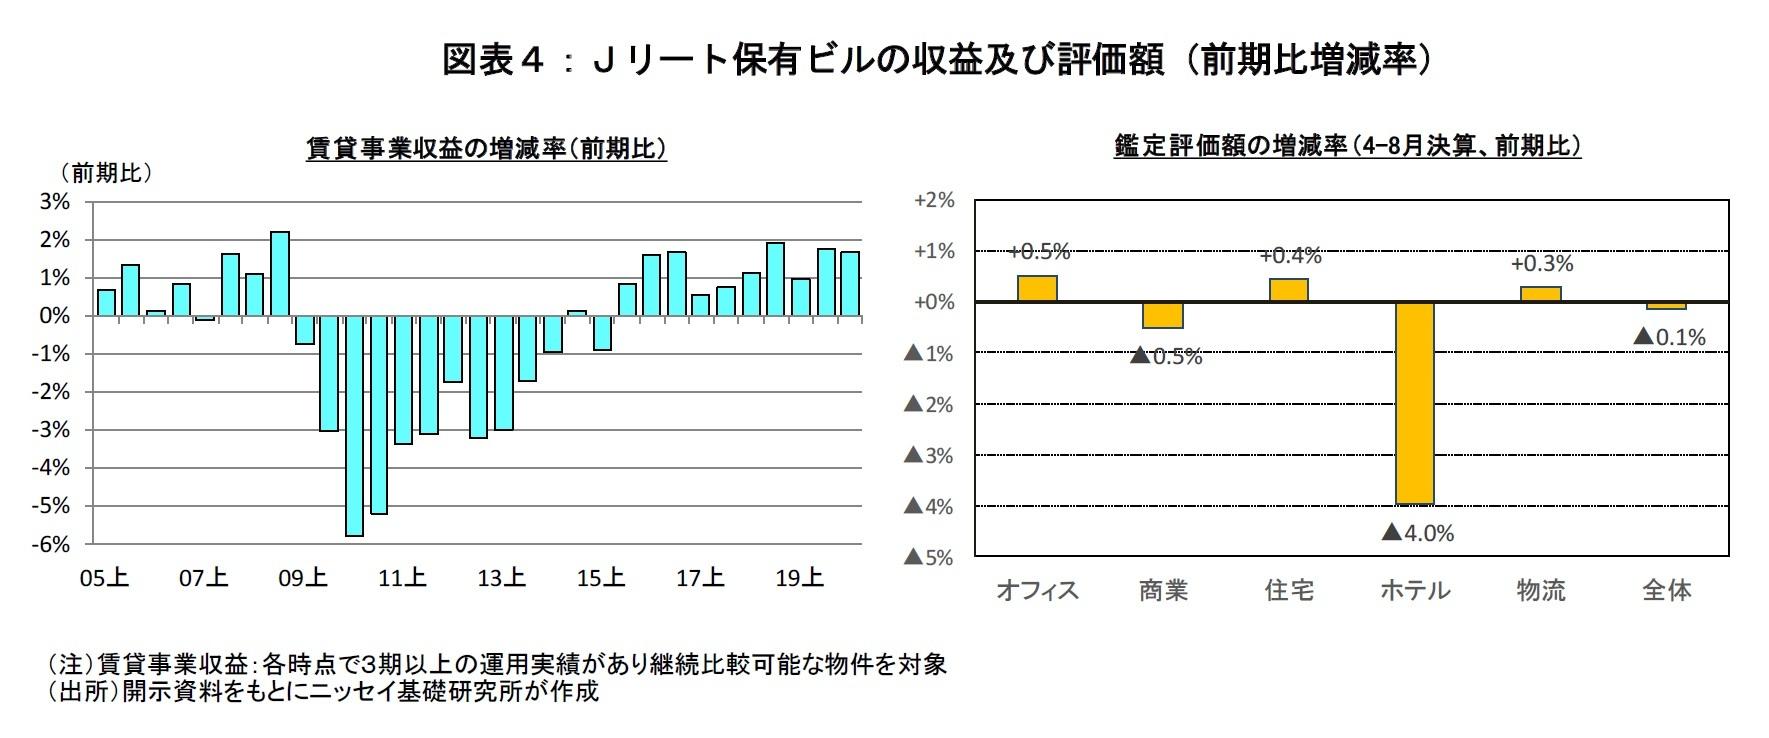 図表4:Jリート保有ビルの収益及び評価額(前期比増減率)